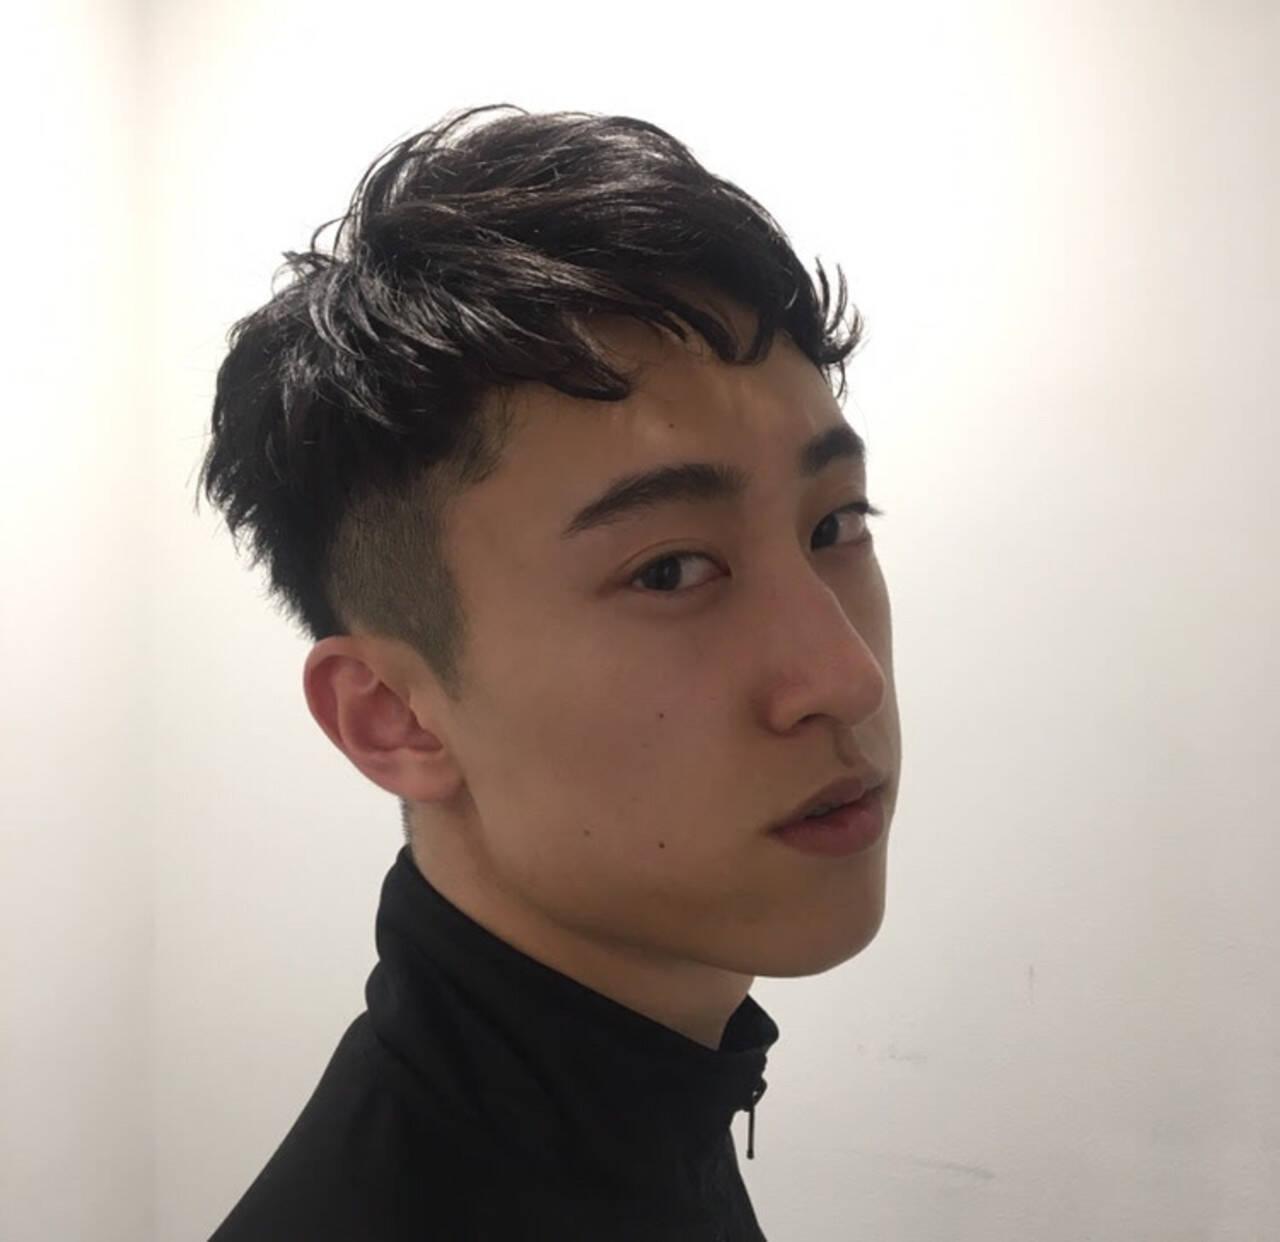 ツーブロック メンズカット ナチュラル メンズショートヘアスタイルや髪型の写真・画像